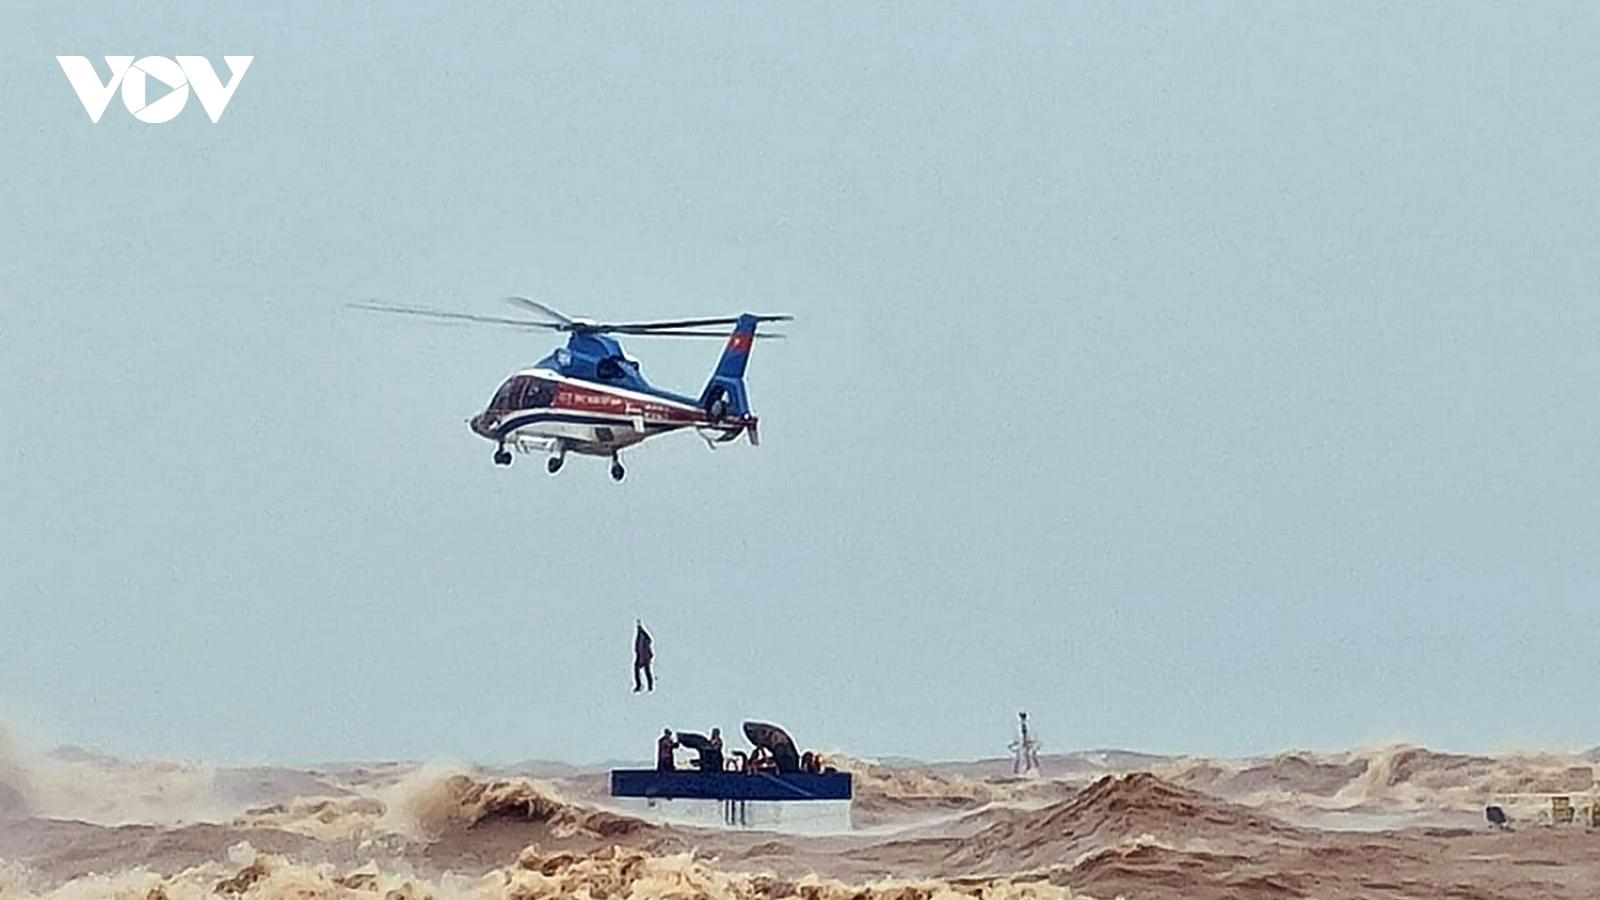 Máy bay trực thăng cứu hộ thành công thuyền viên gặp nạn trên tàu VietShip 01